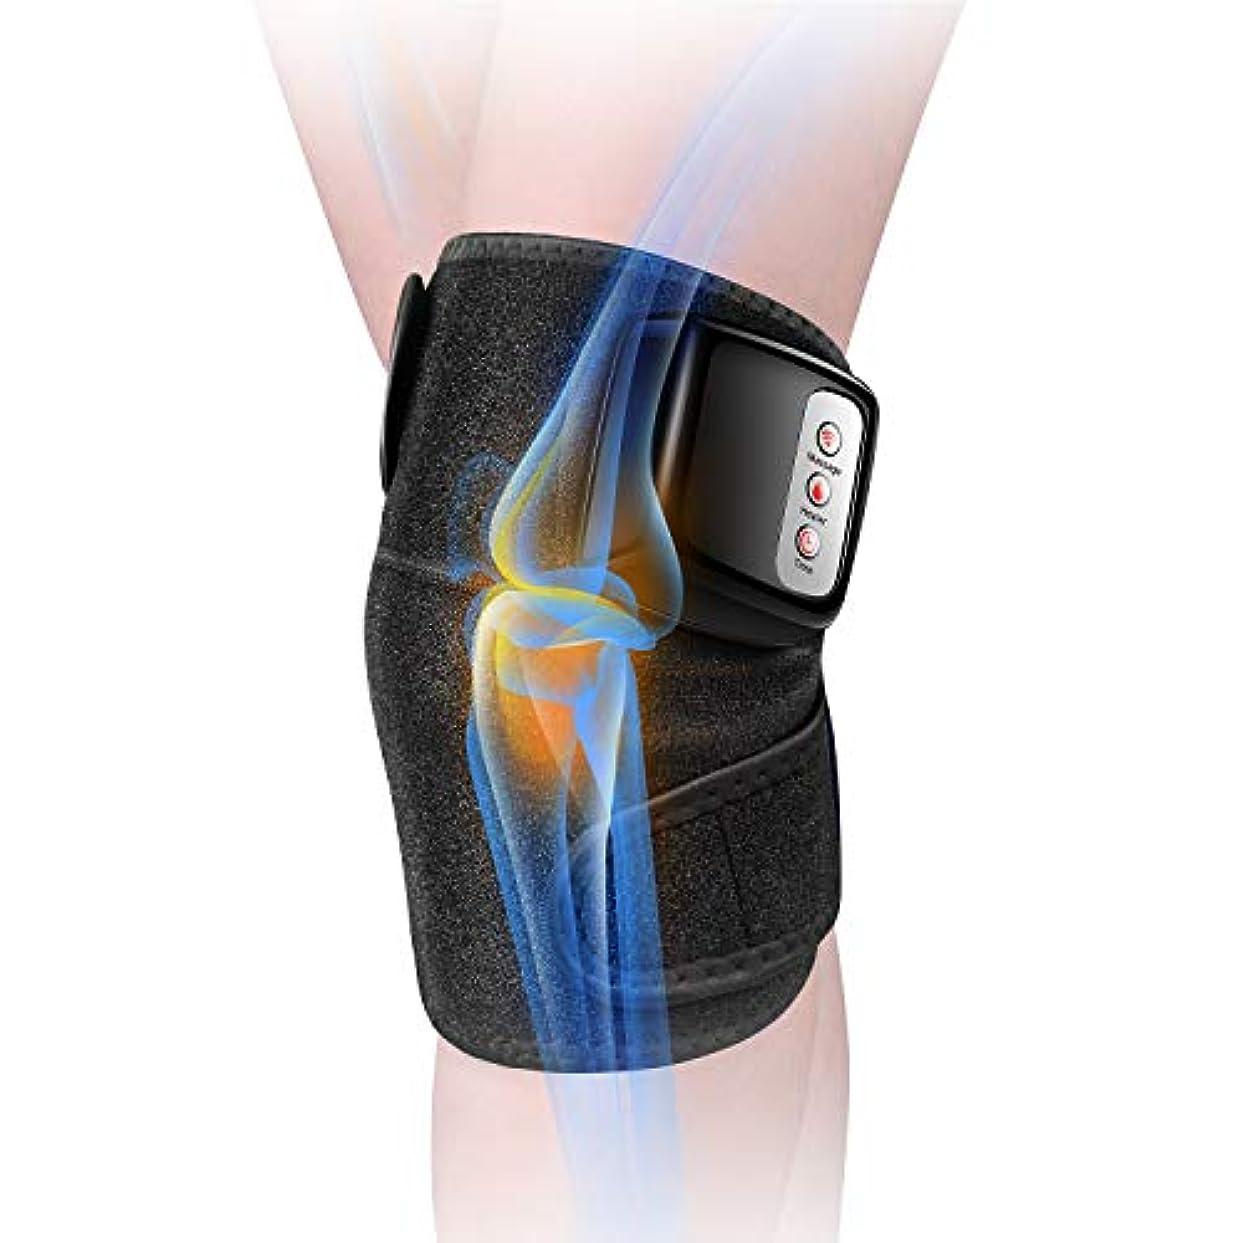 晩ごはんペグロシア膝マッサージャー 関節マッサージャー マッサージ器 フットマッサージャー 振動 赤外線療法 温熱療法 膝サポーター ストレス解消 肩 太もも/腕対応